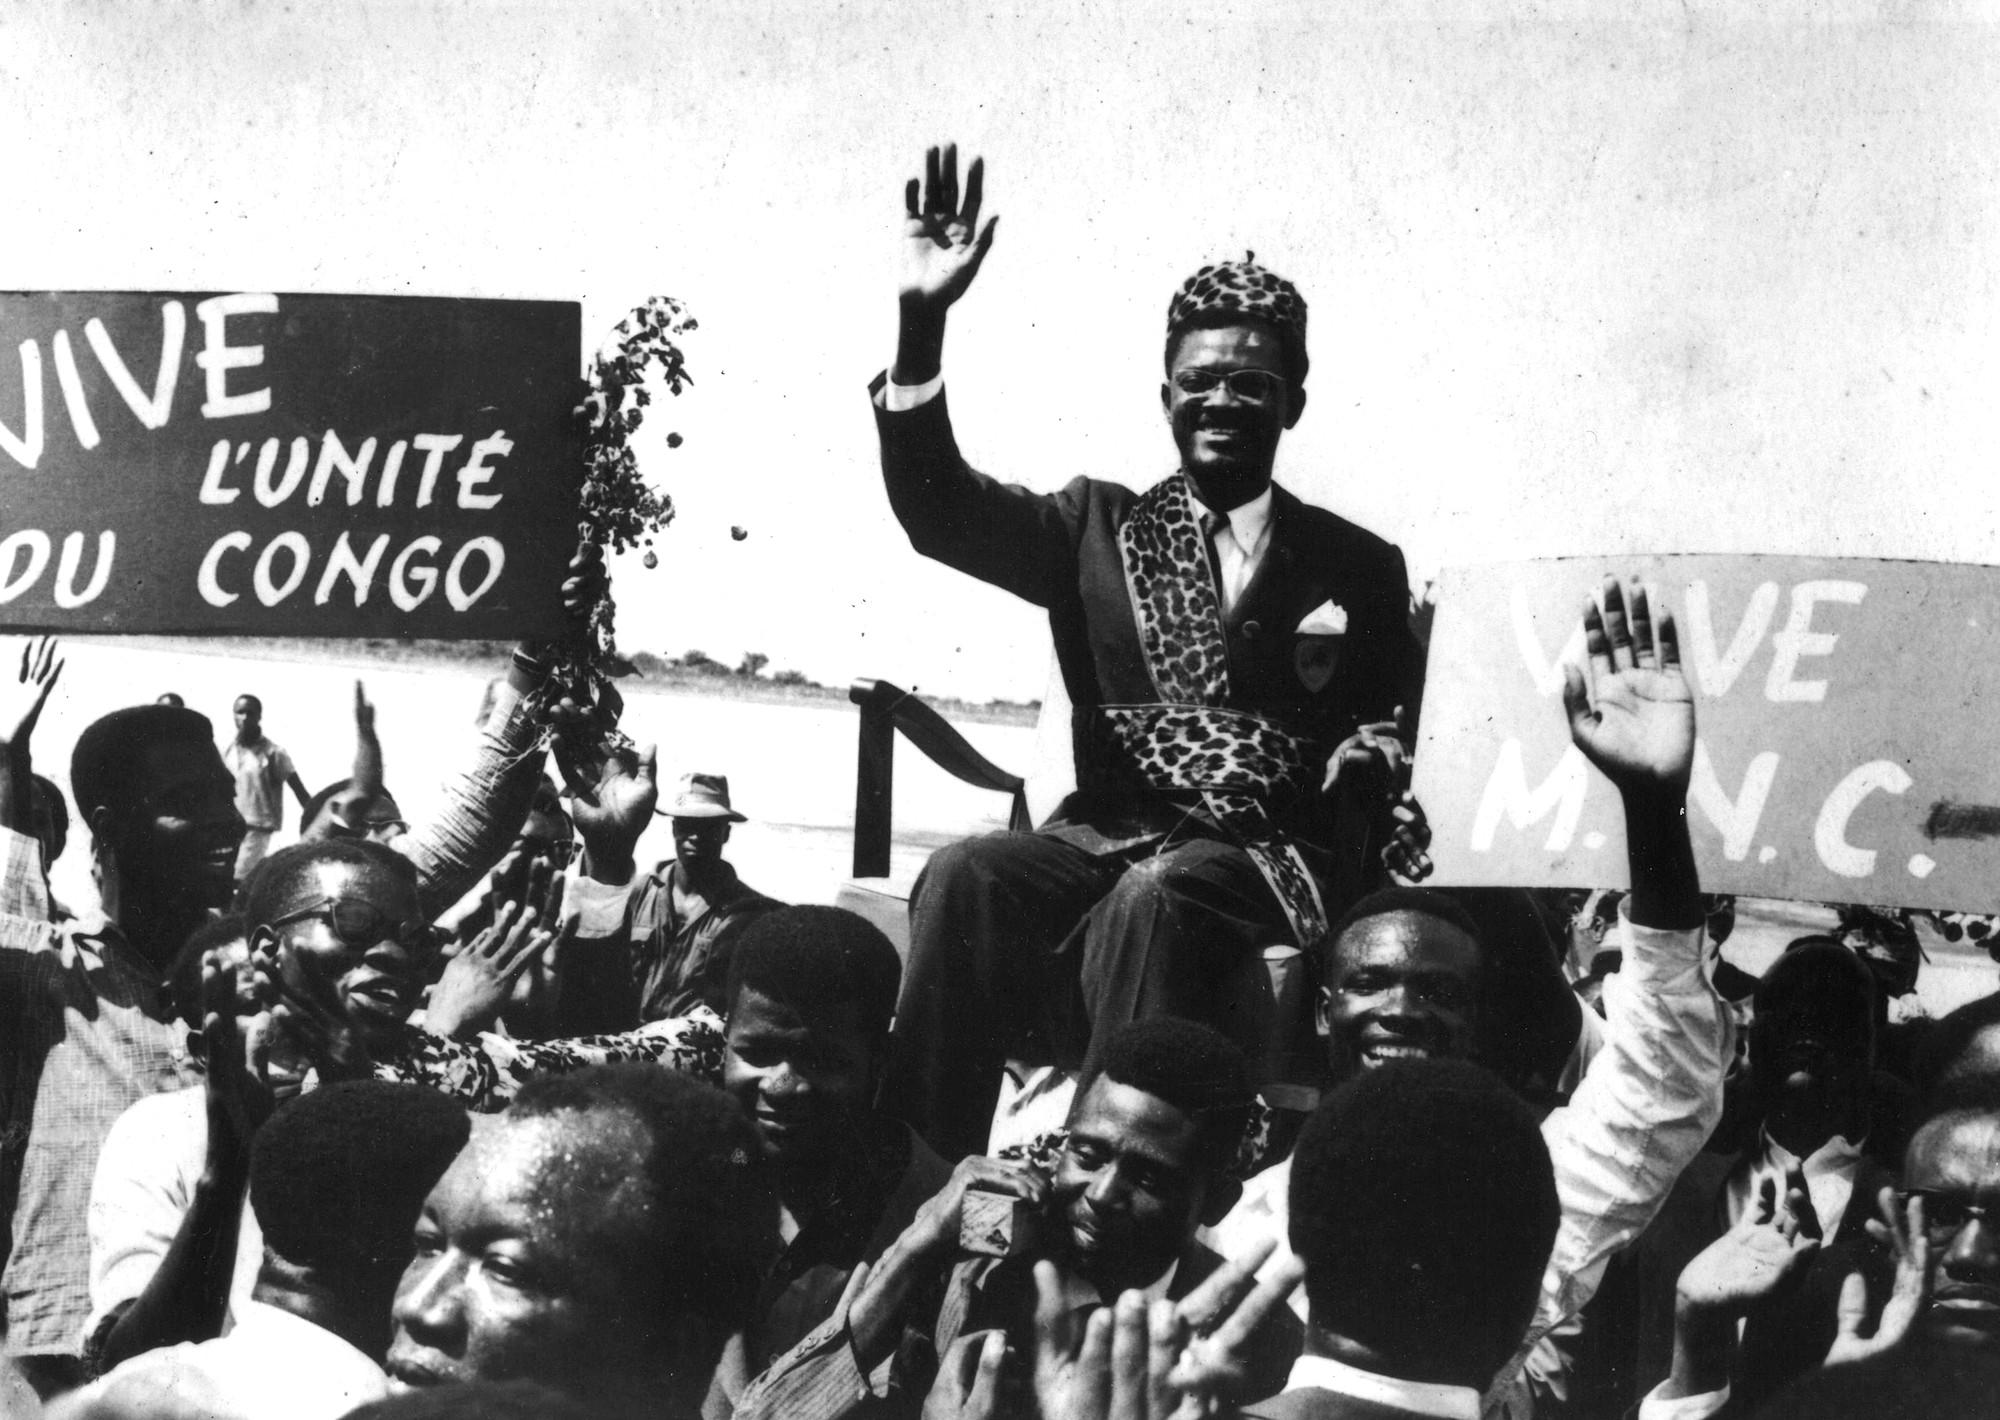 Que les africains cessent de e plaindre de la colonisation.